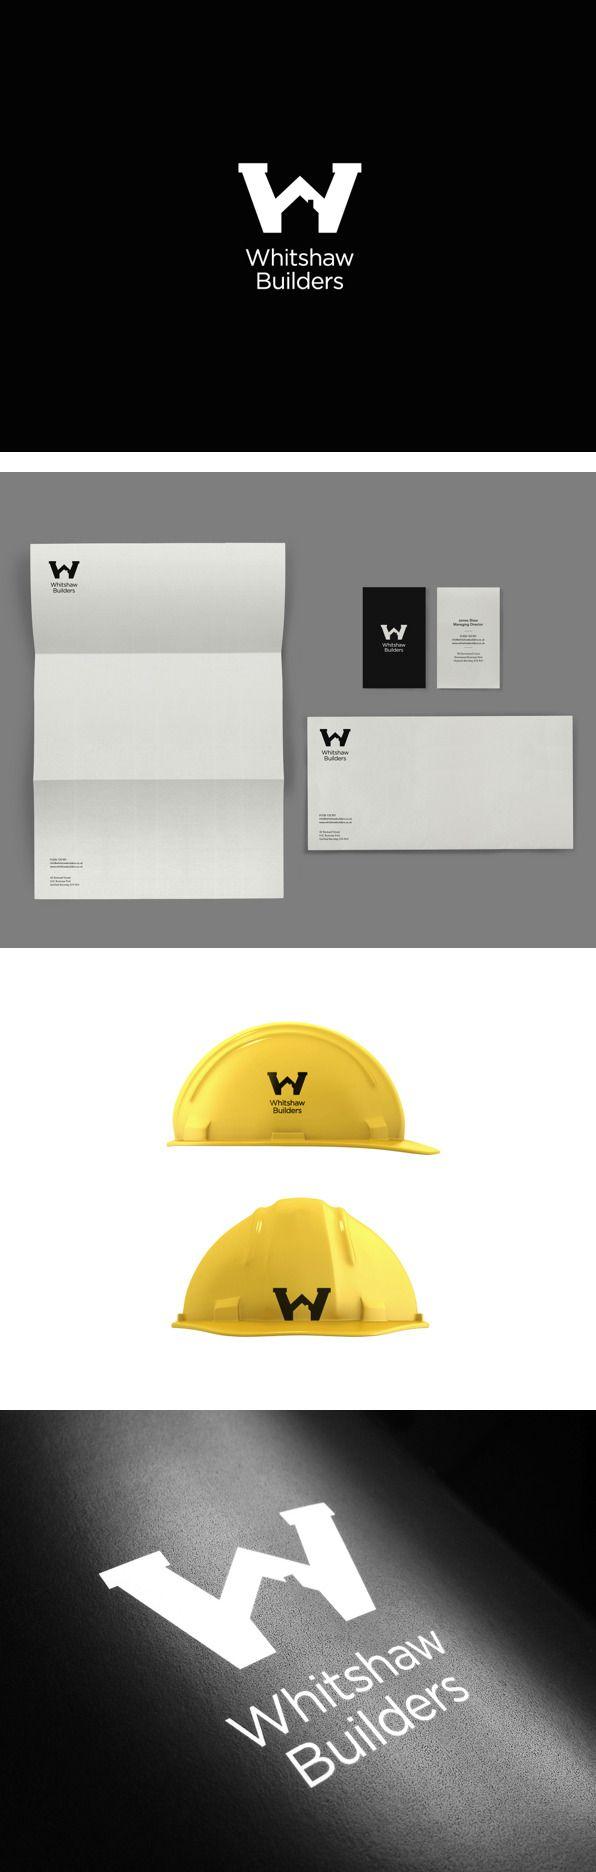 Whitshaw Identity by Kyle Wilkinson   #stationary #corporate #design #corporatedesign #identity #branding #marketing < repinned by www.BlickeDeeler.de   Take a look at www.LogoGestaltung-Hamburg.de